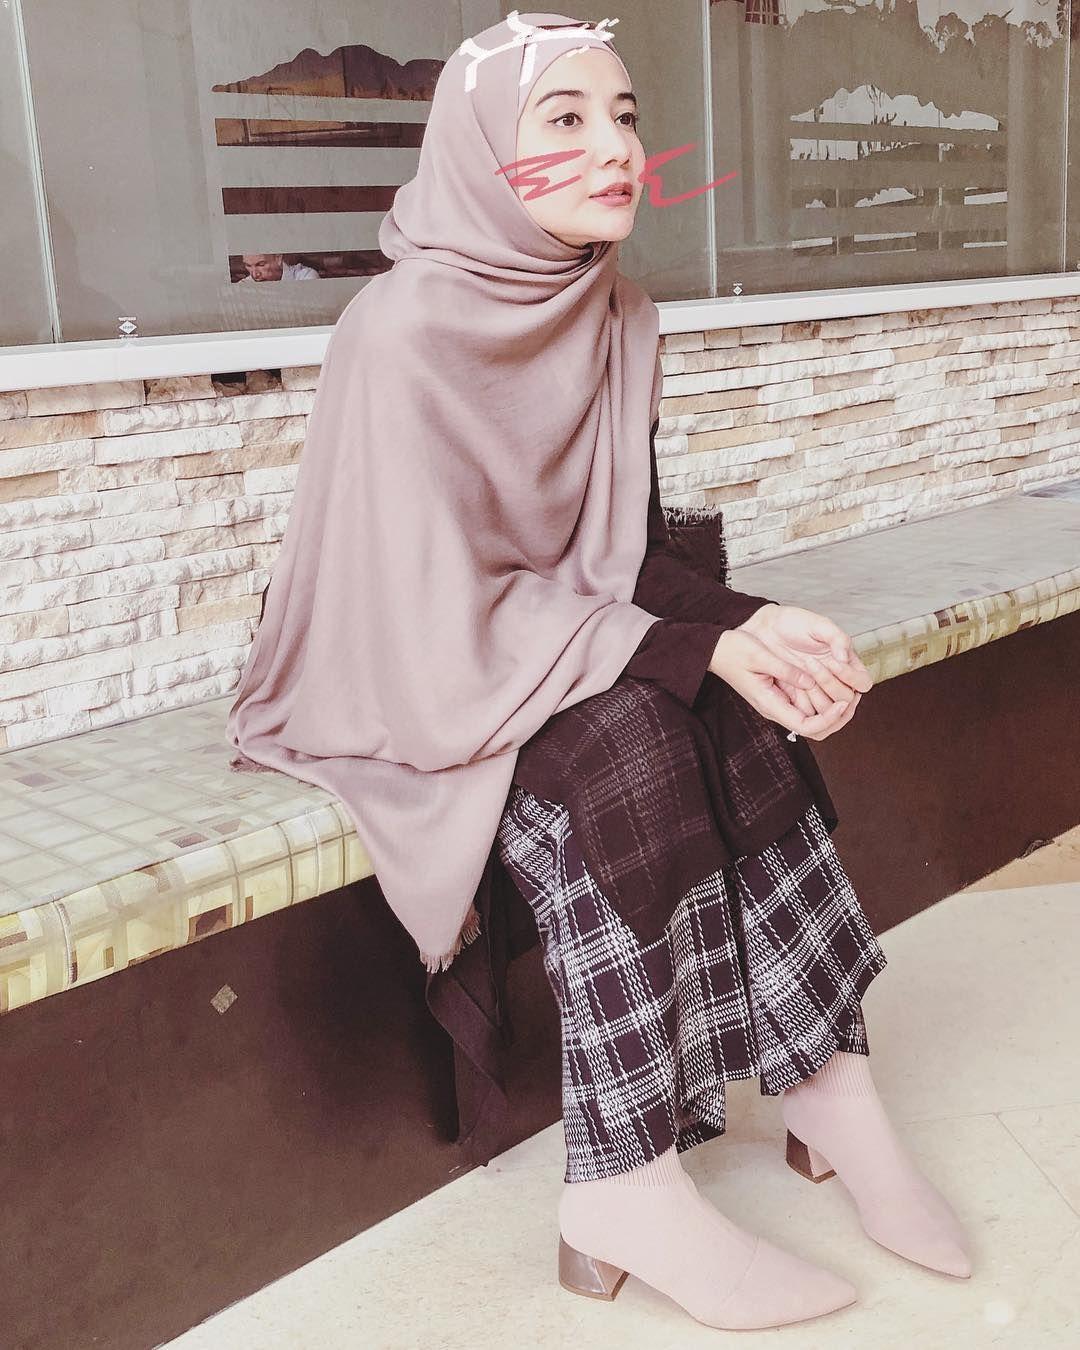 61 2k Likes 7 Comments Zaskia Sungkar Zaskiasungkar15 On Instagram Gak Tau Lagi Cara Meng Model Pakaian Asia Model Pakaian Hijab Model Pakaian Wanita